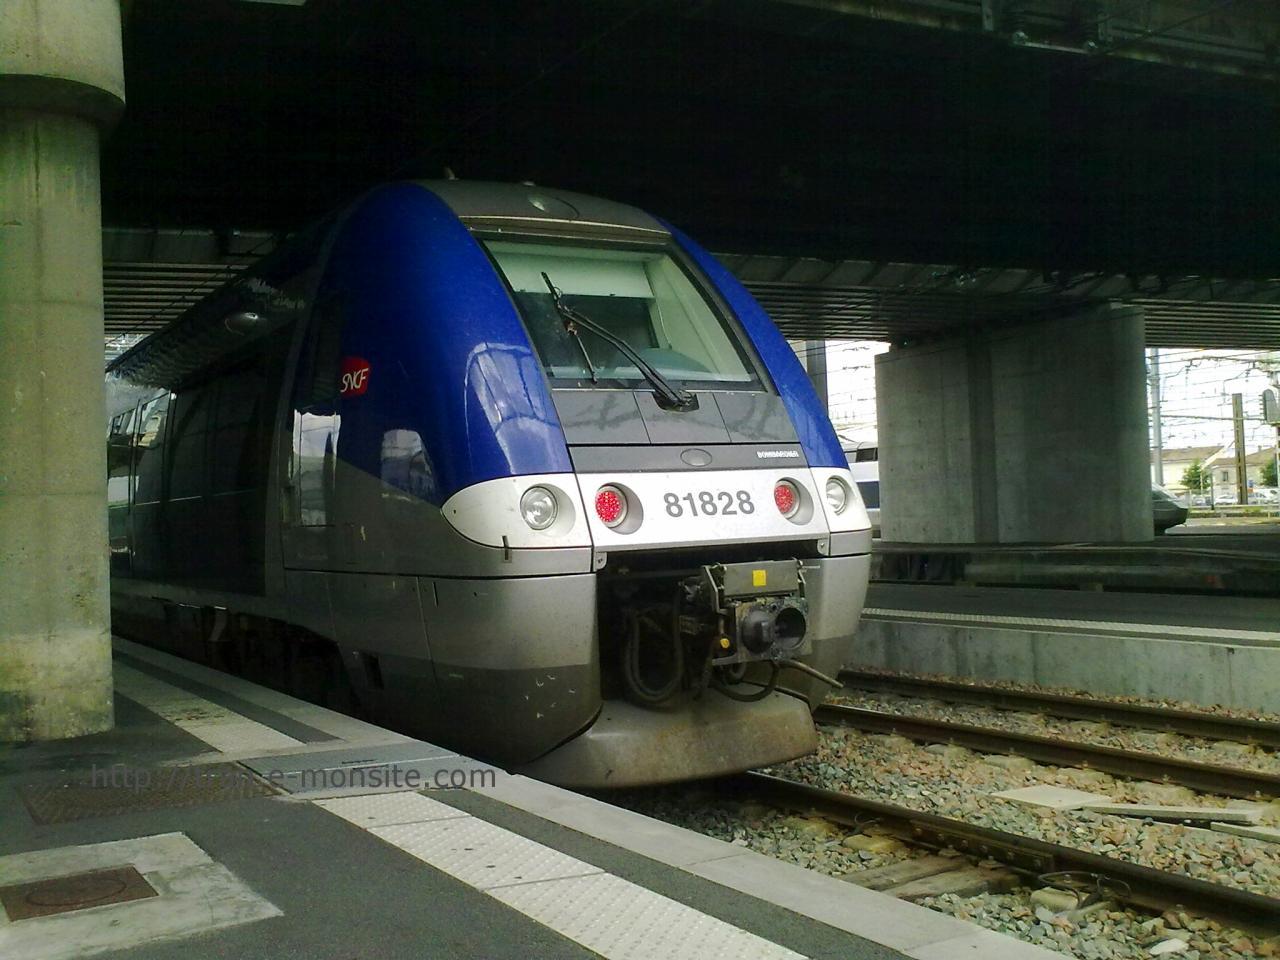 Autorail AGC B 81828 en gare de Bordeaux